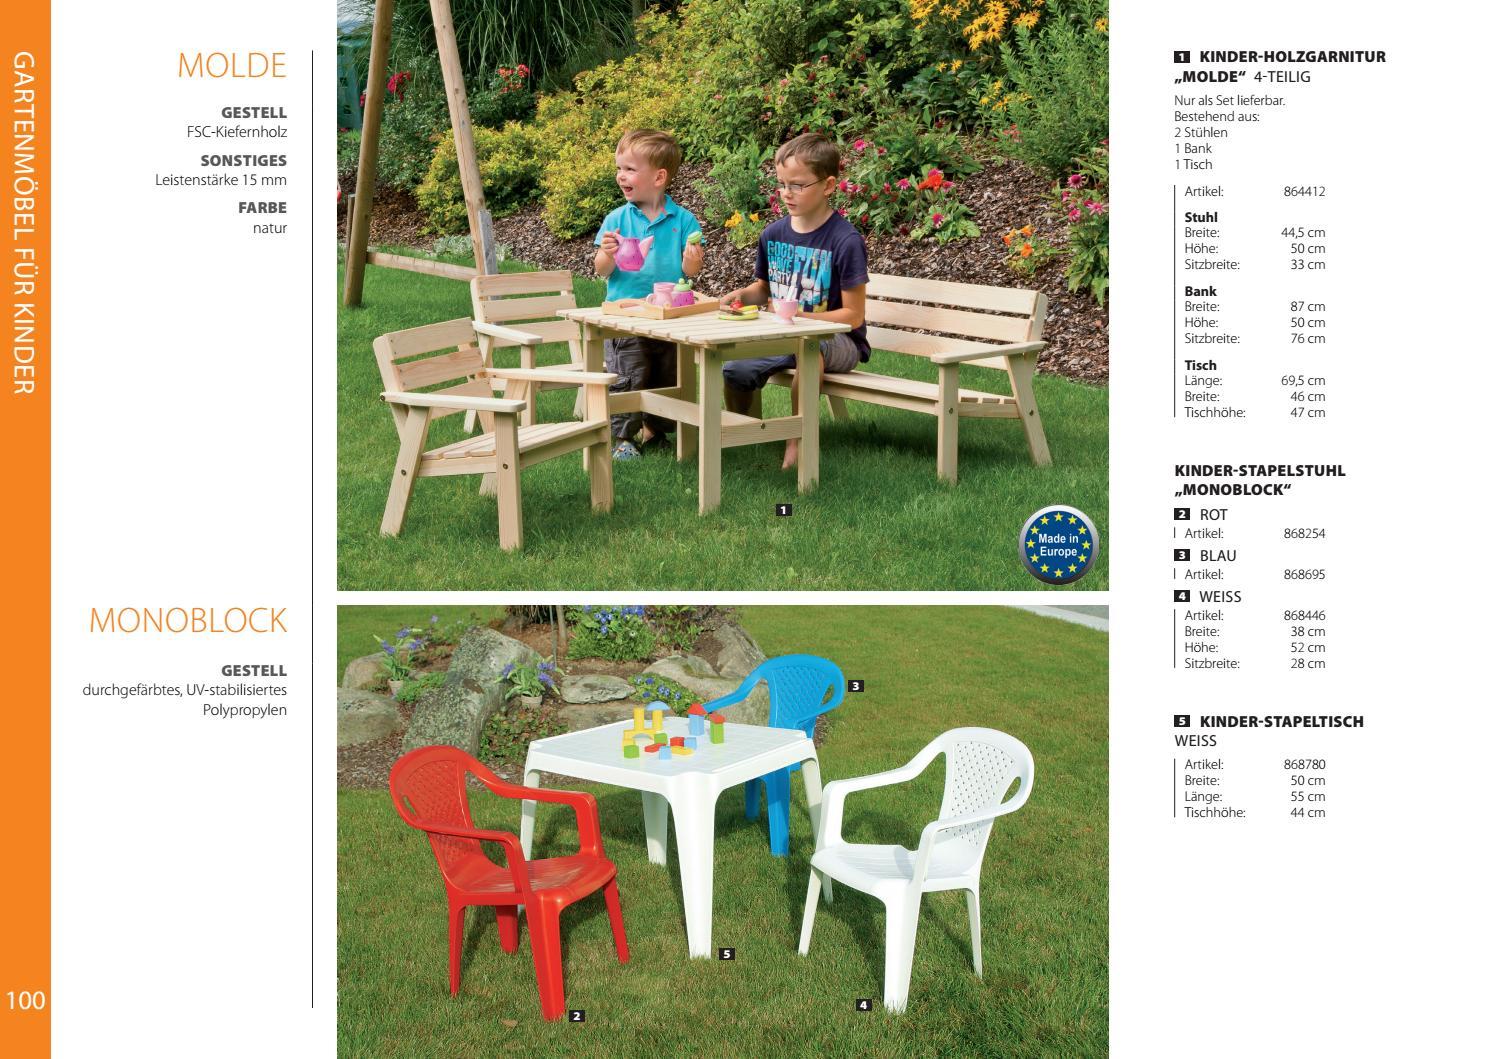 Kinder gartenmbel set klappstuhl set beetle gartenmbel fr kinder sthle mit armlehne camping - Kinder gartenmobel set ...